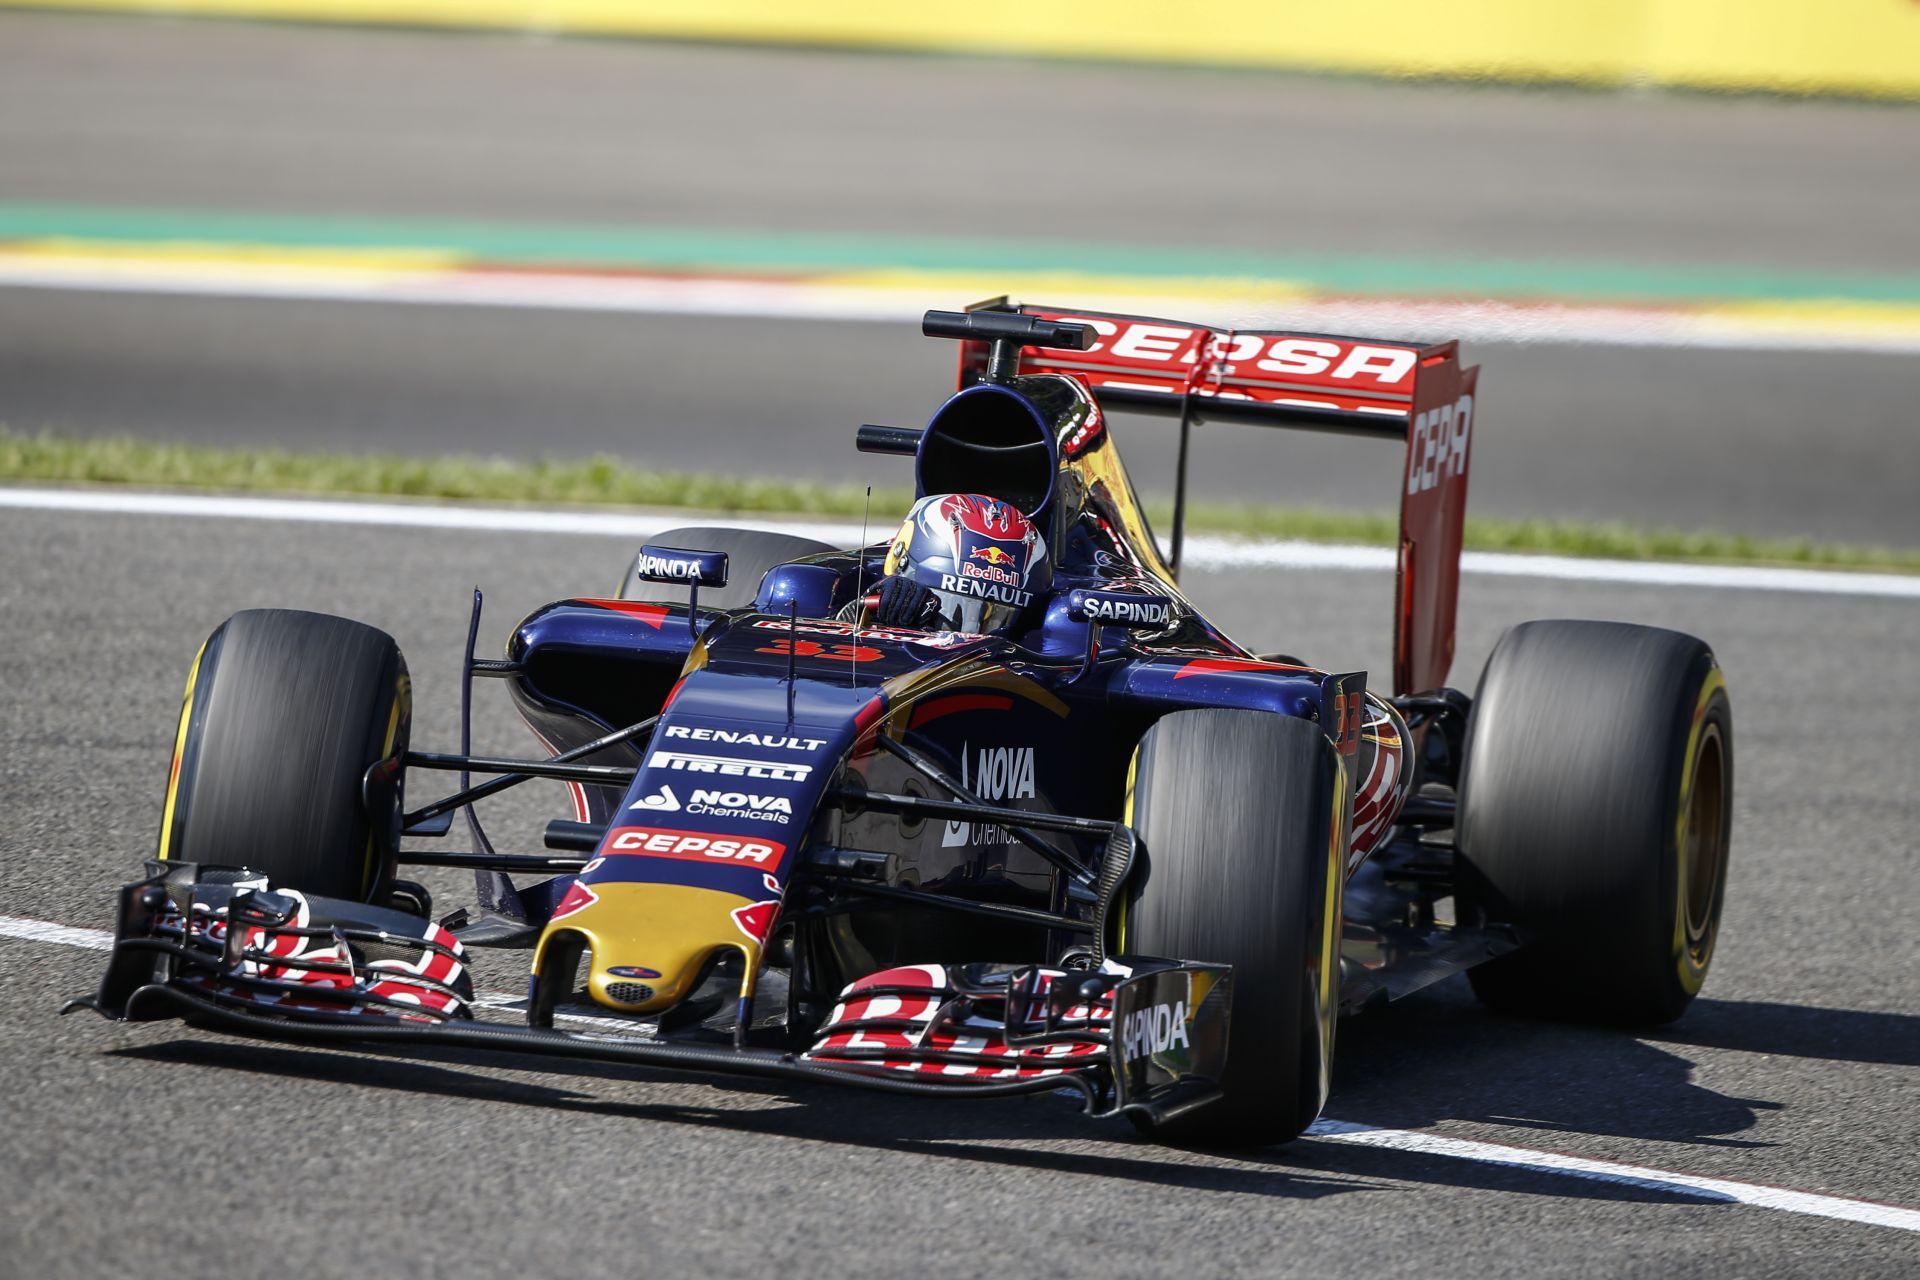 Fikázod a 17 éves F1-es újoncot: Akkor nézd meg, hogy megint mit csinált! LIKE A BOSS!